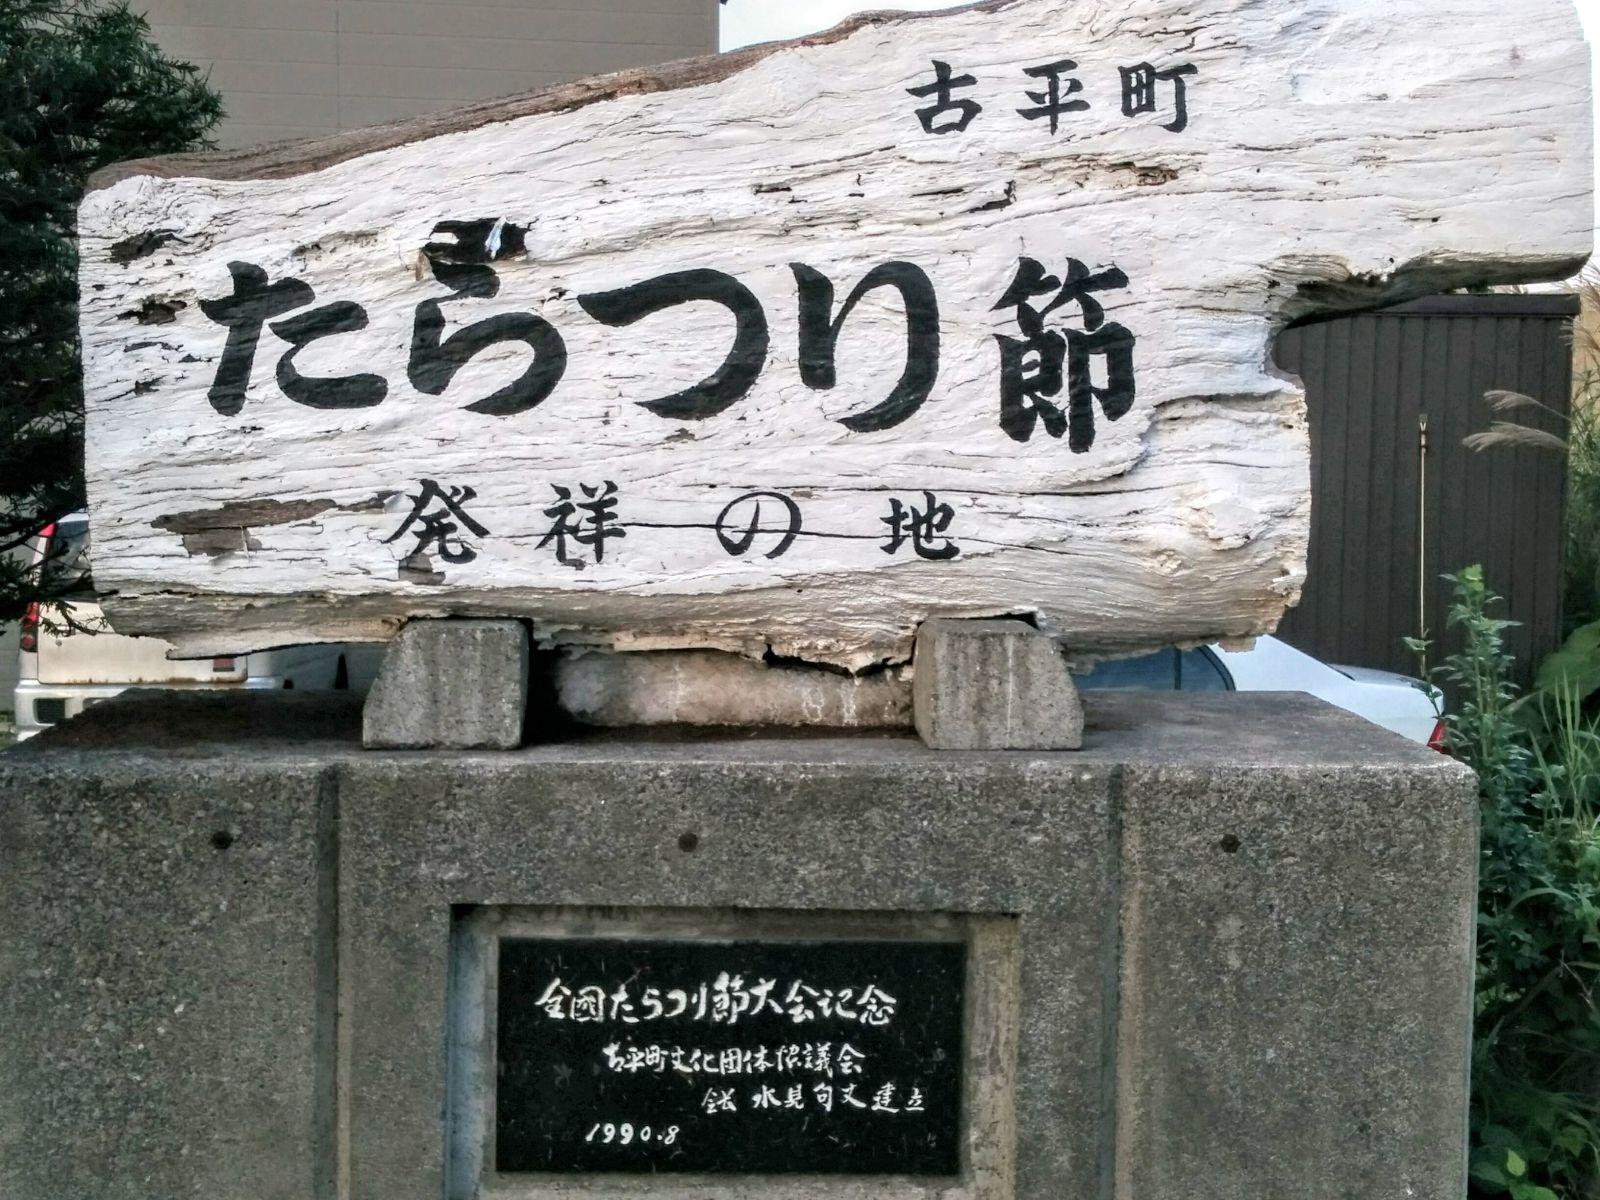 【積丹半島】古平町・たらつり節発祥の地記念碑観光案内です。